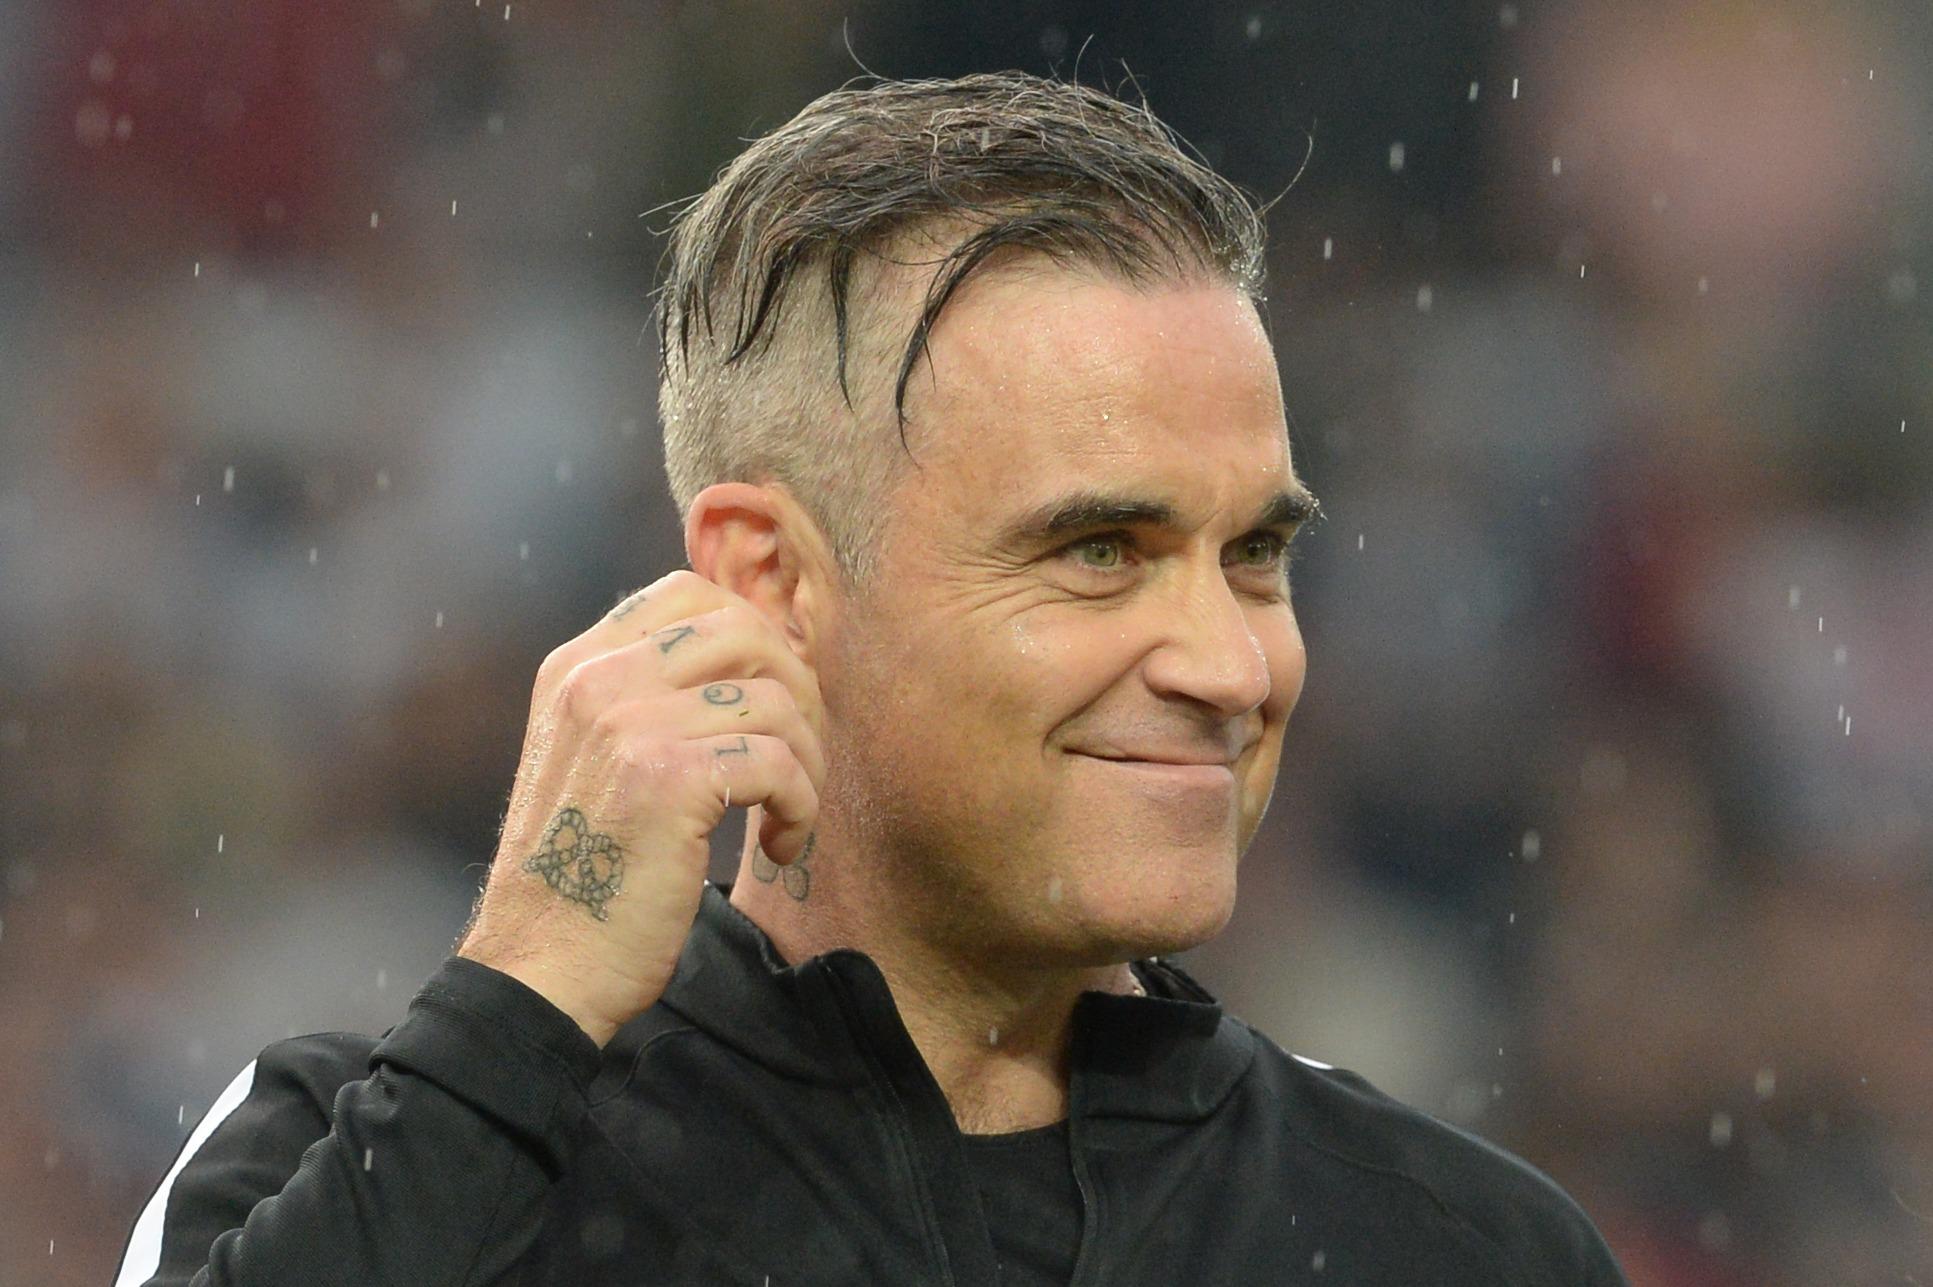 Möglicherweise siegt die Fußballbegeisterung bei Robbie Williams über die politischen Bedenken